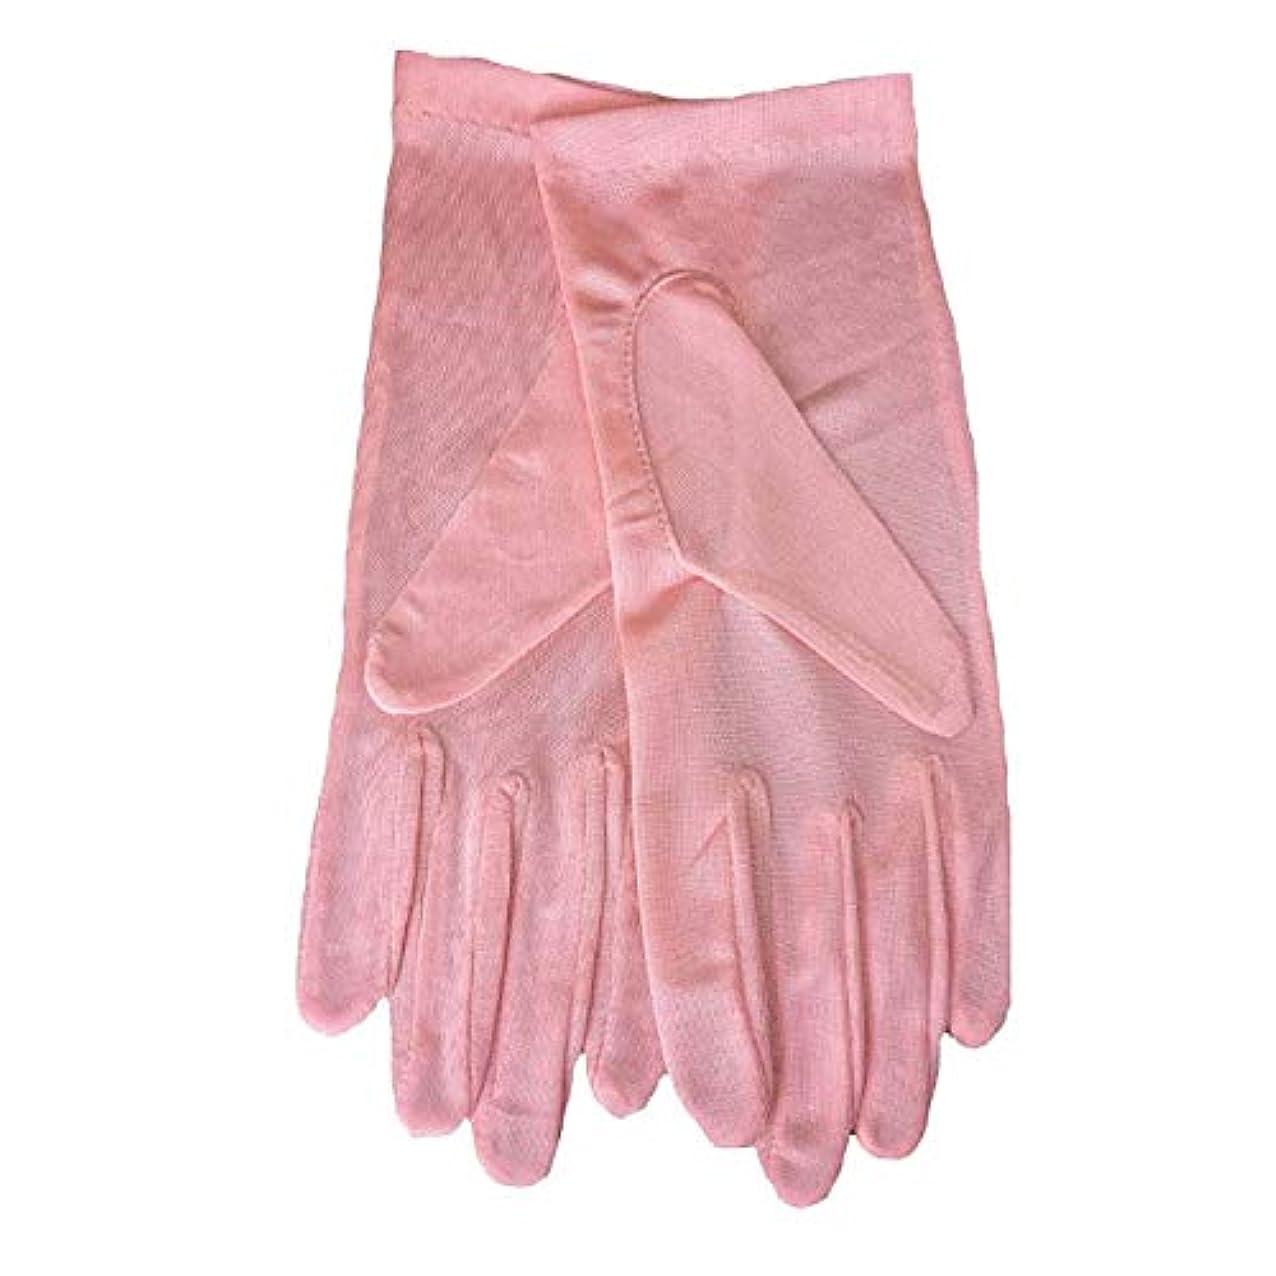 無一文するサーキットに行く夜用 おやすみ用 シルク手袋 手荒れ 対策 レディース保湿 ハンドケア 絹手袋手袋